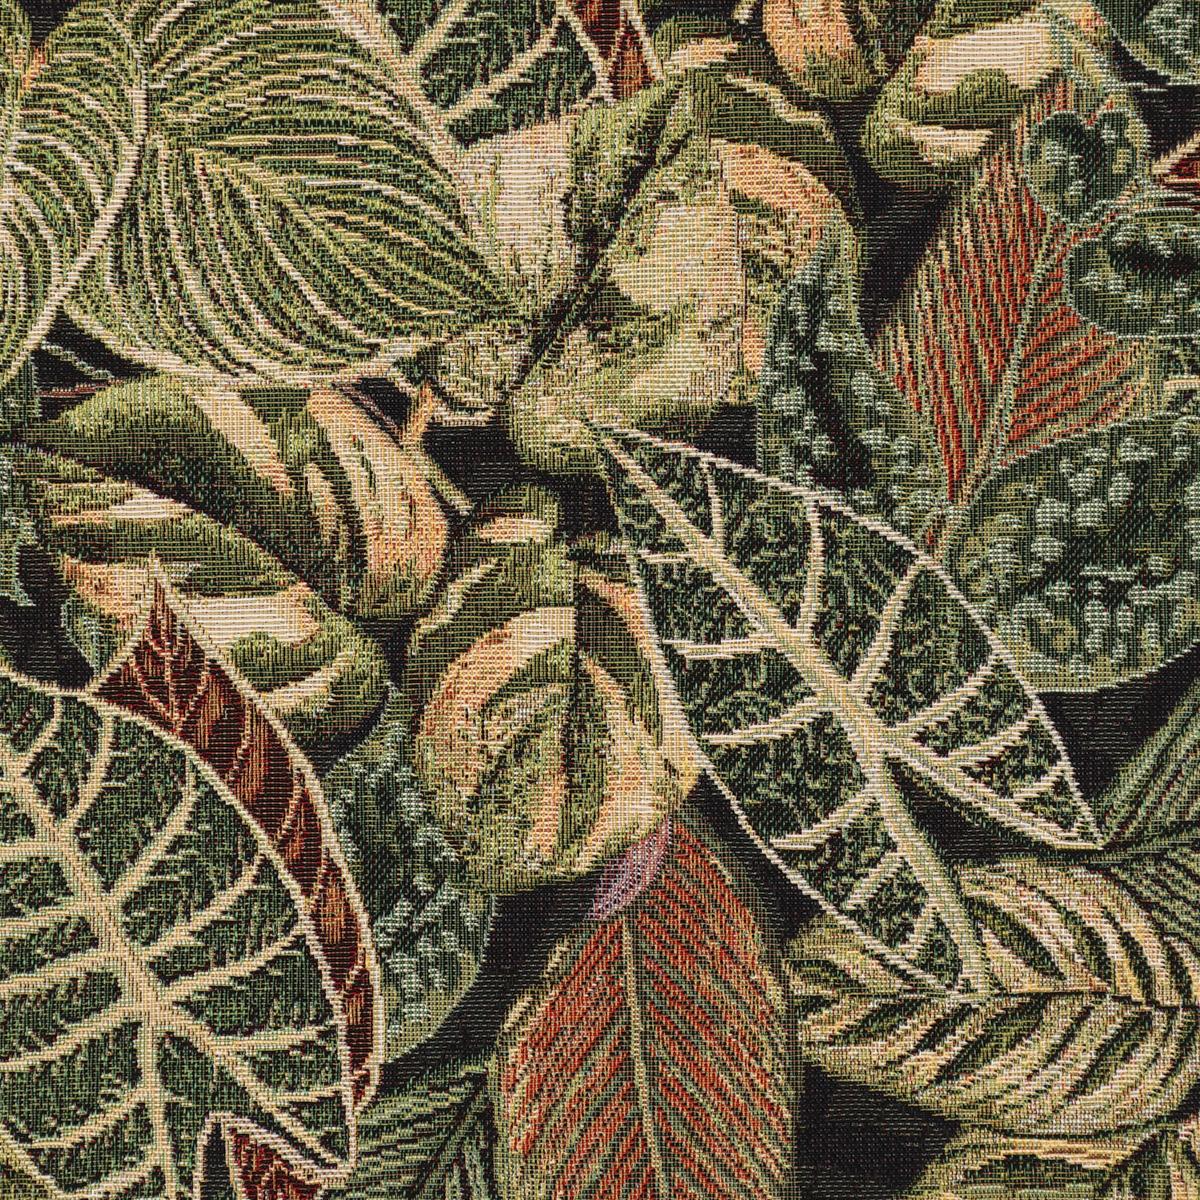 Dekostoff Gobelin Premium Houseplant Jungle Blätter grün schwarz 1,4m Breite